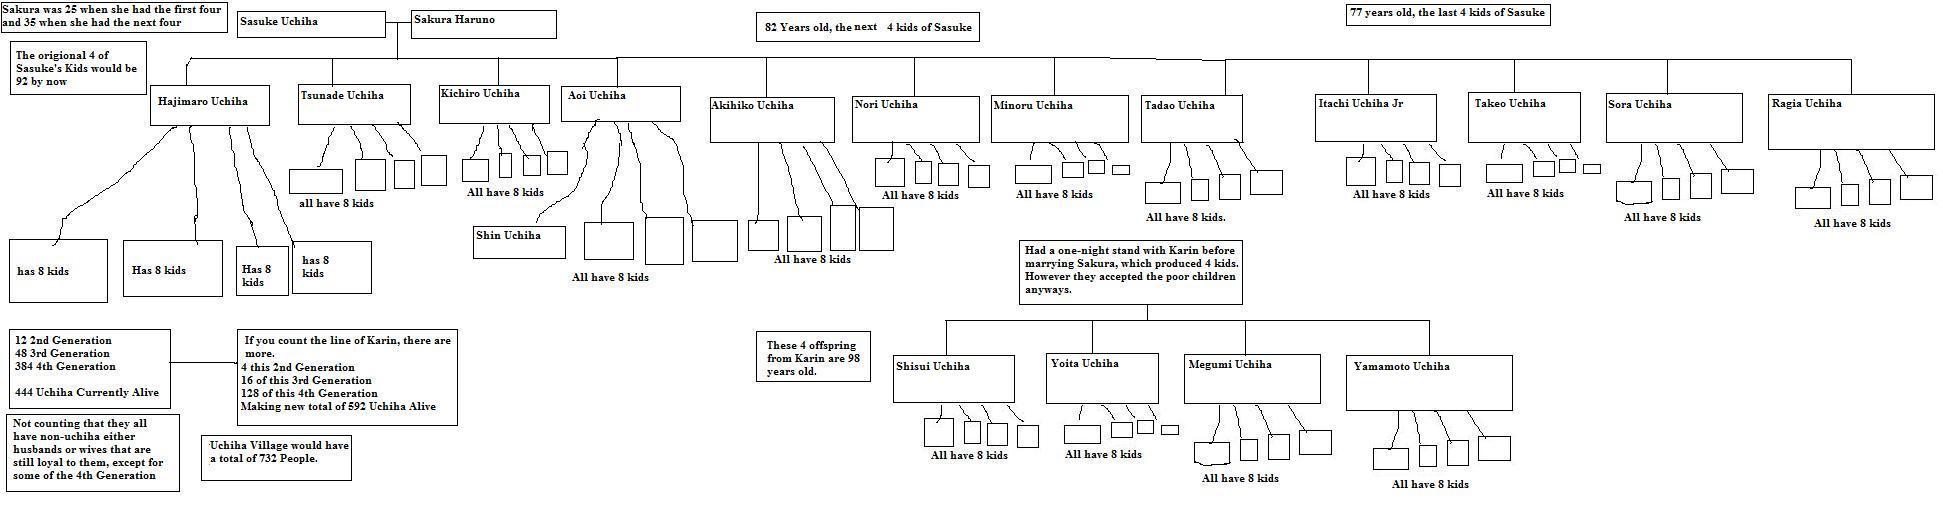 FileUchiha family tree jpg  Uchiha Family Tree